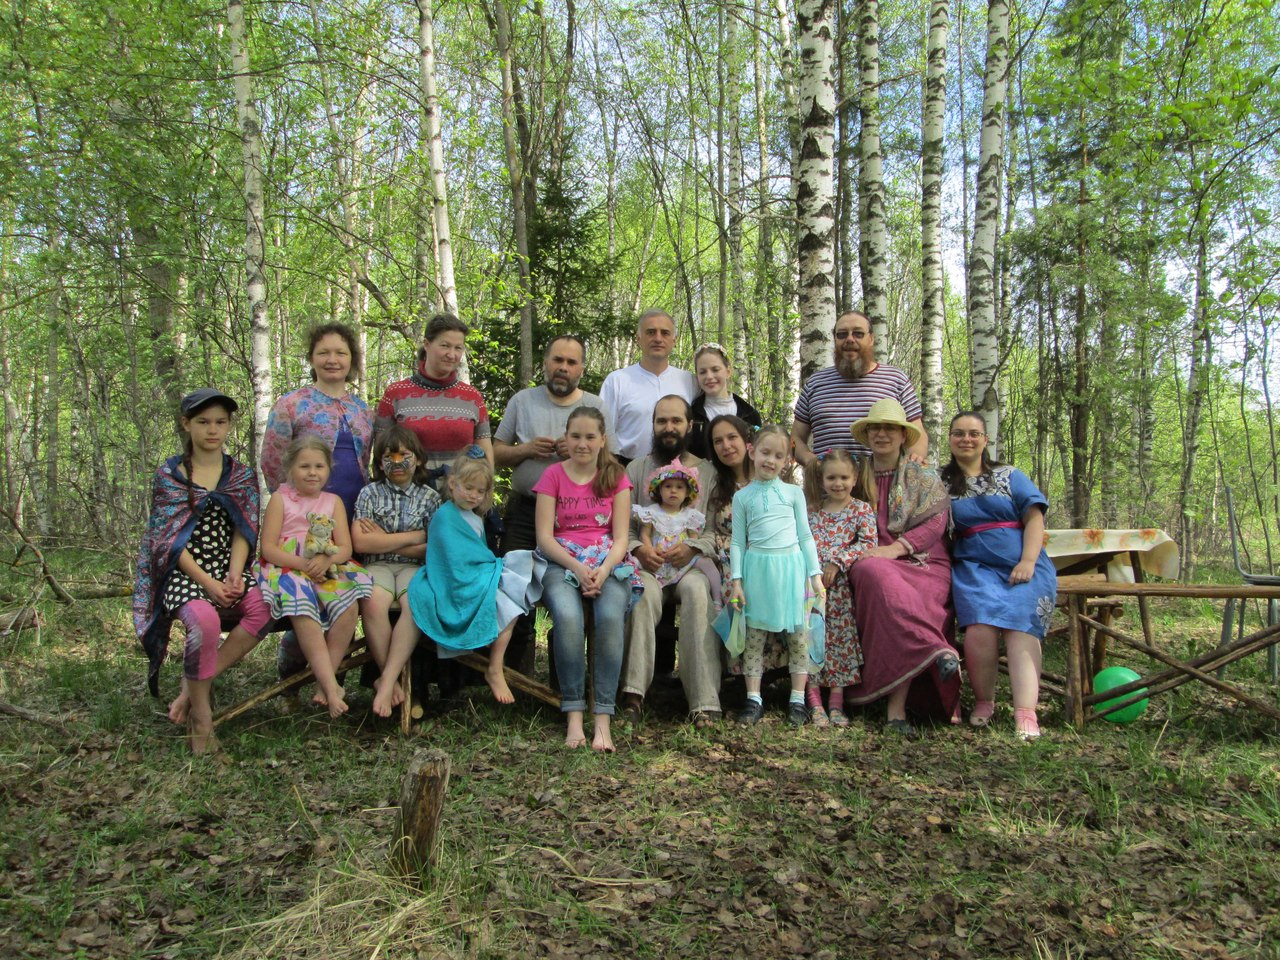 Майчане на празднике День Майского (9 мая)